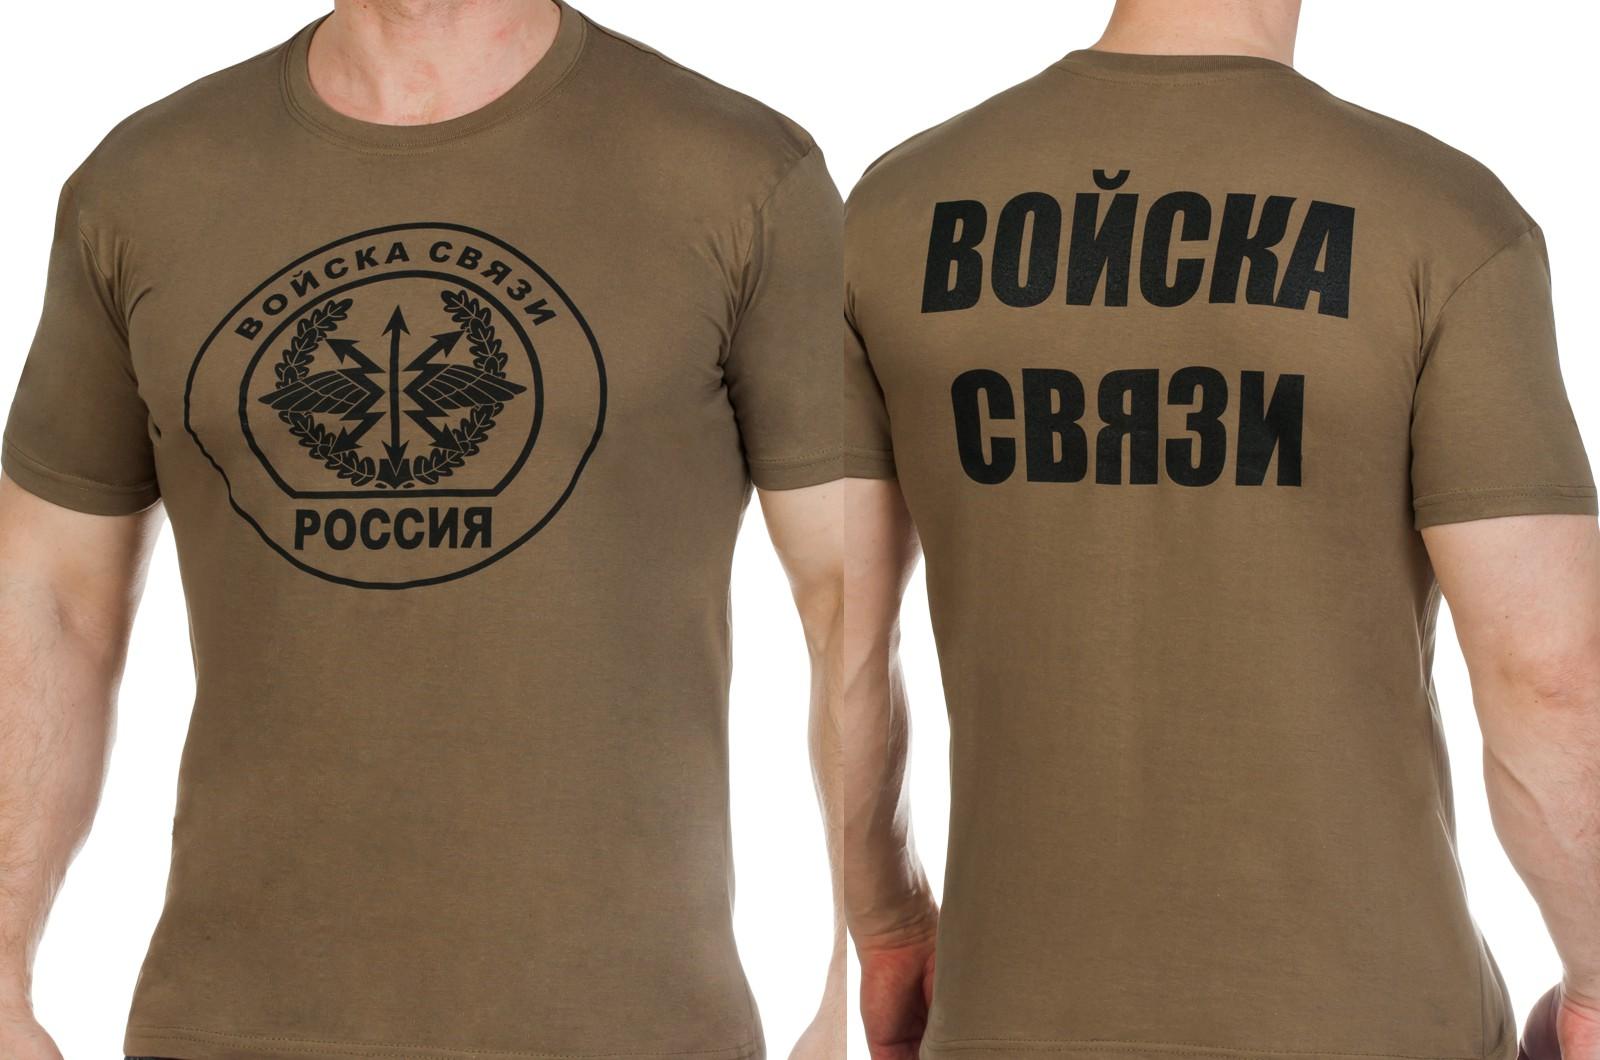 Заказать футболки с эмблемой Войск связи